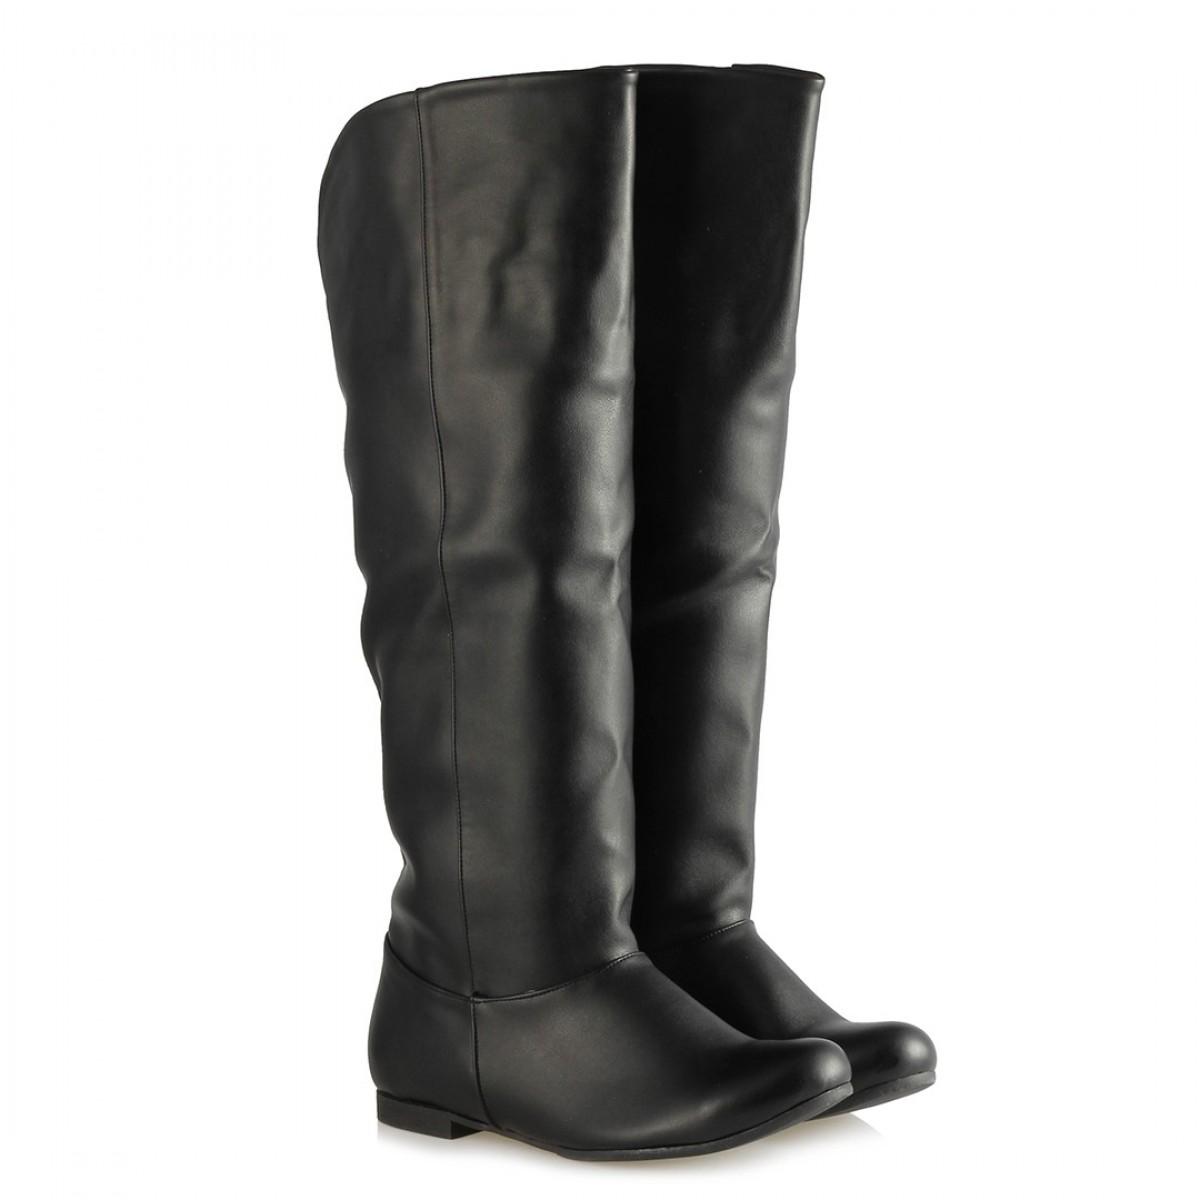 Siyah Renk Bayan Çizme Modelleri